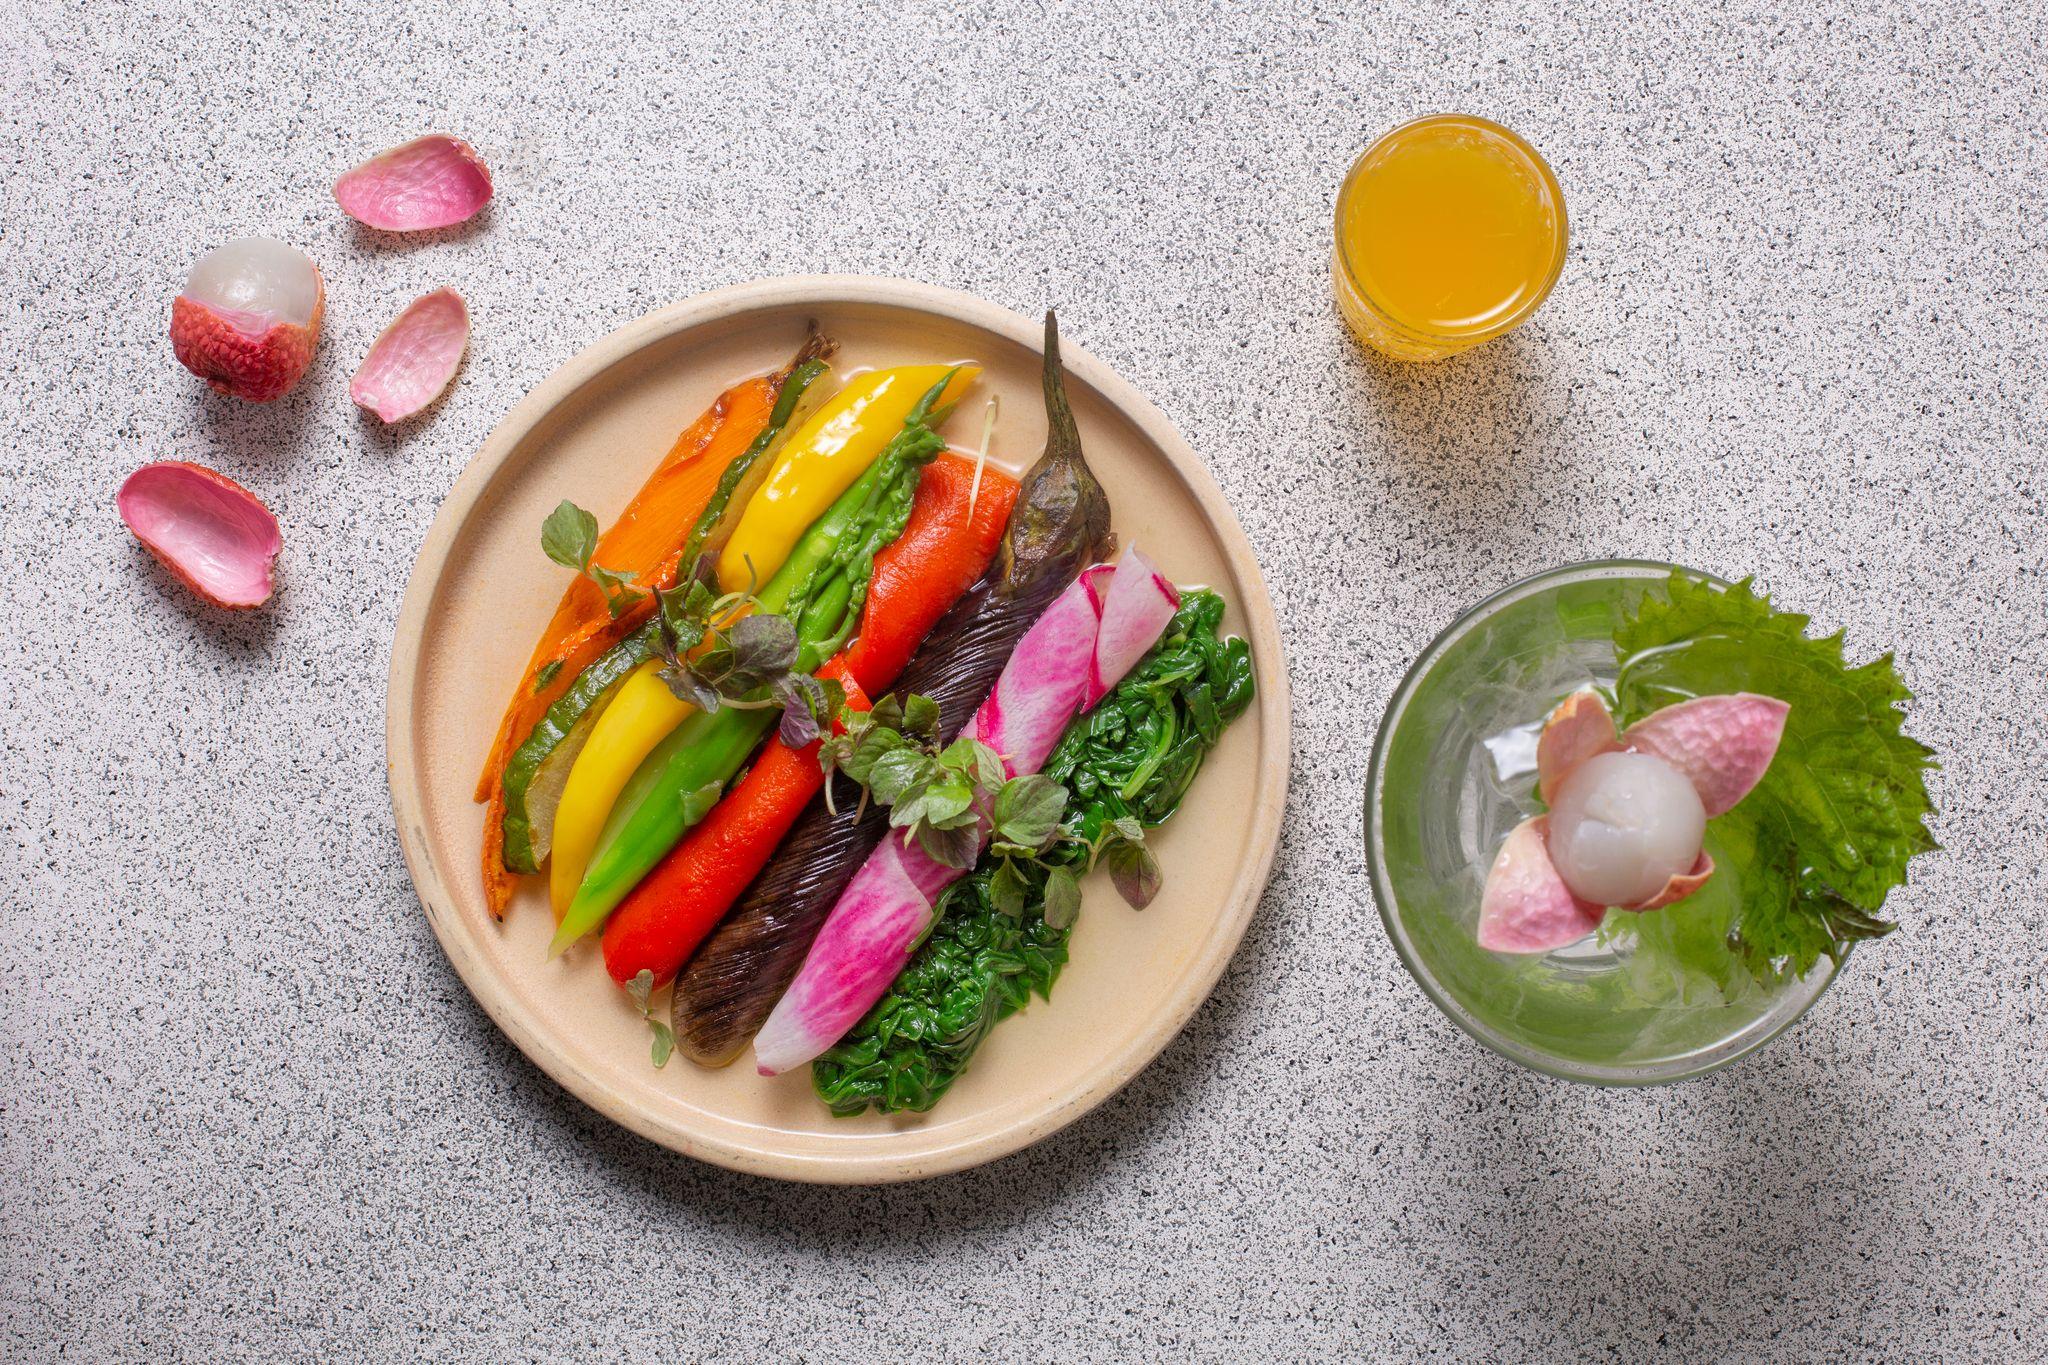 ארוחה צבעונית בקיטו קאטו (צילום: דרור עינב)